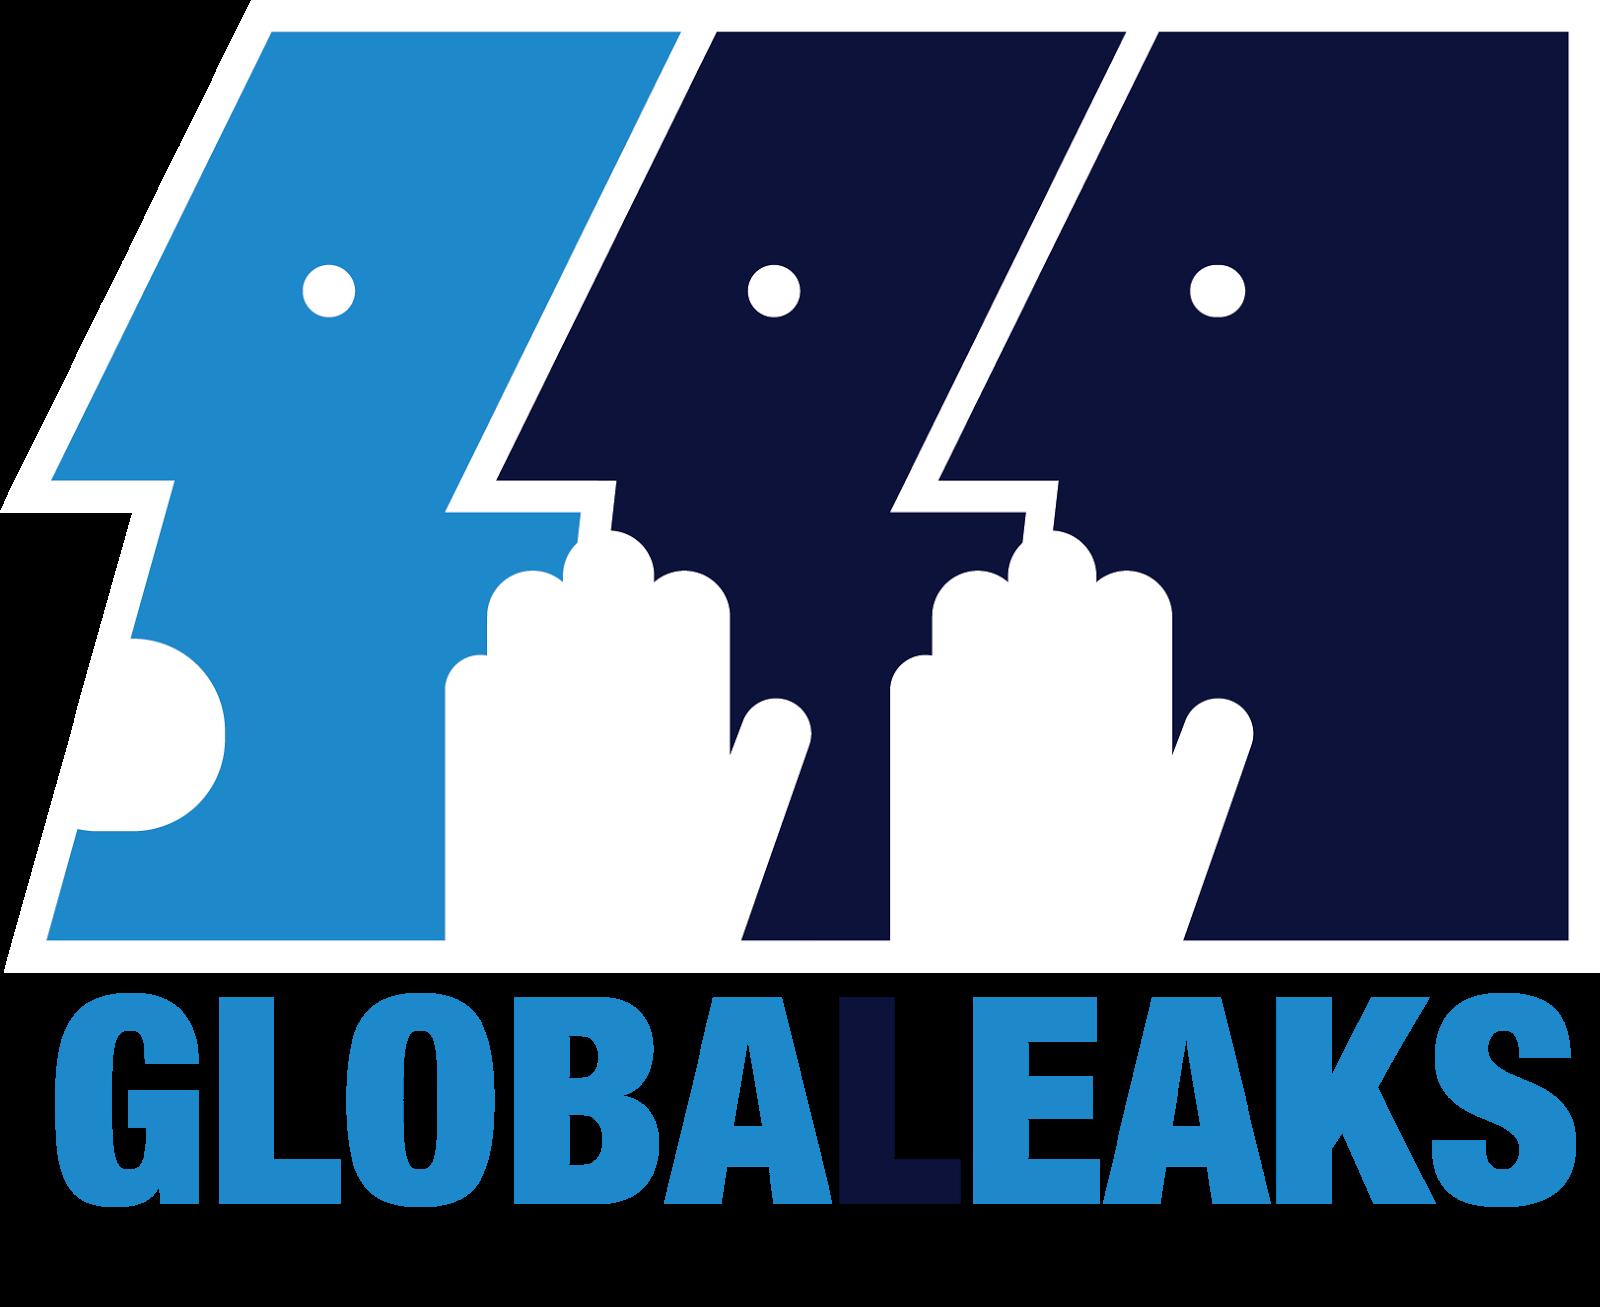 https://globaleaks.org